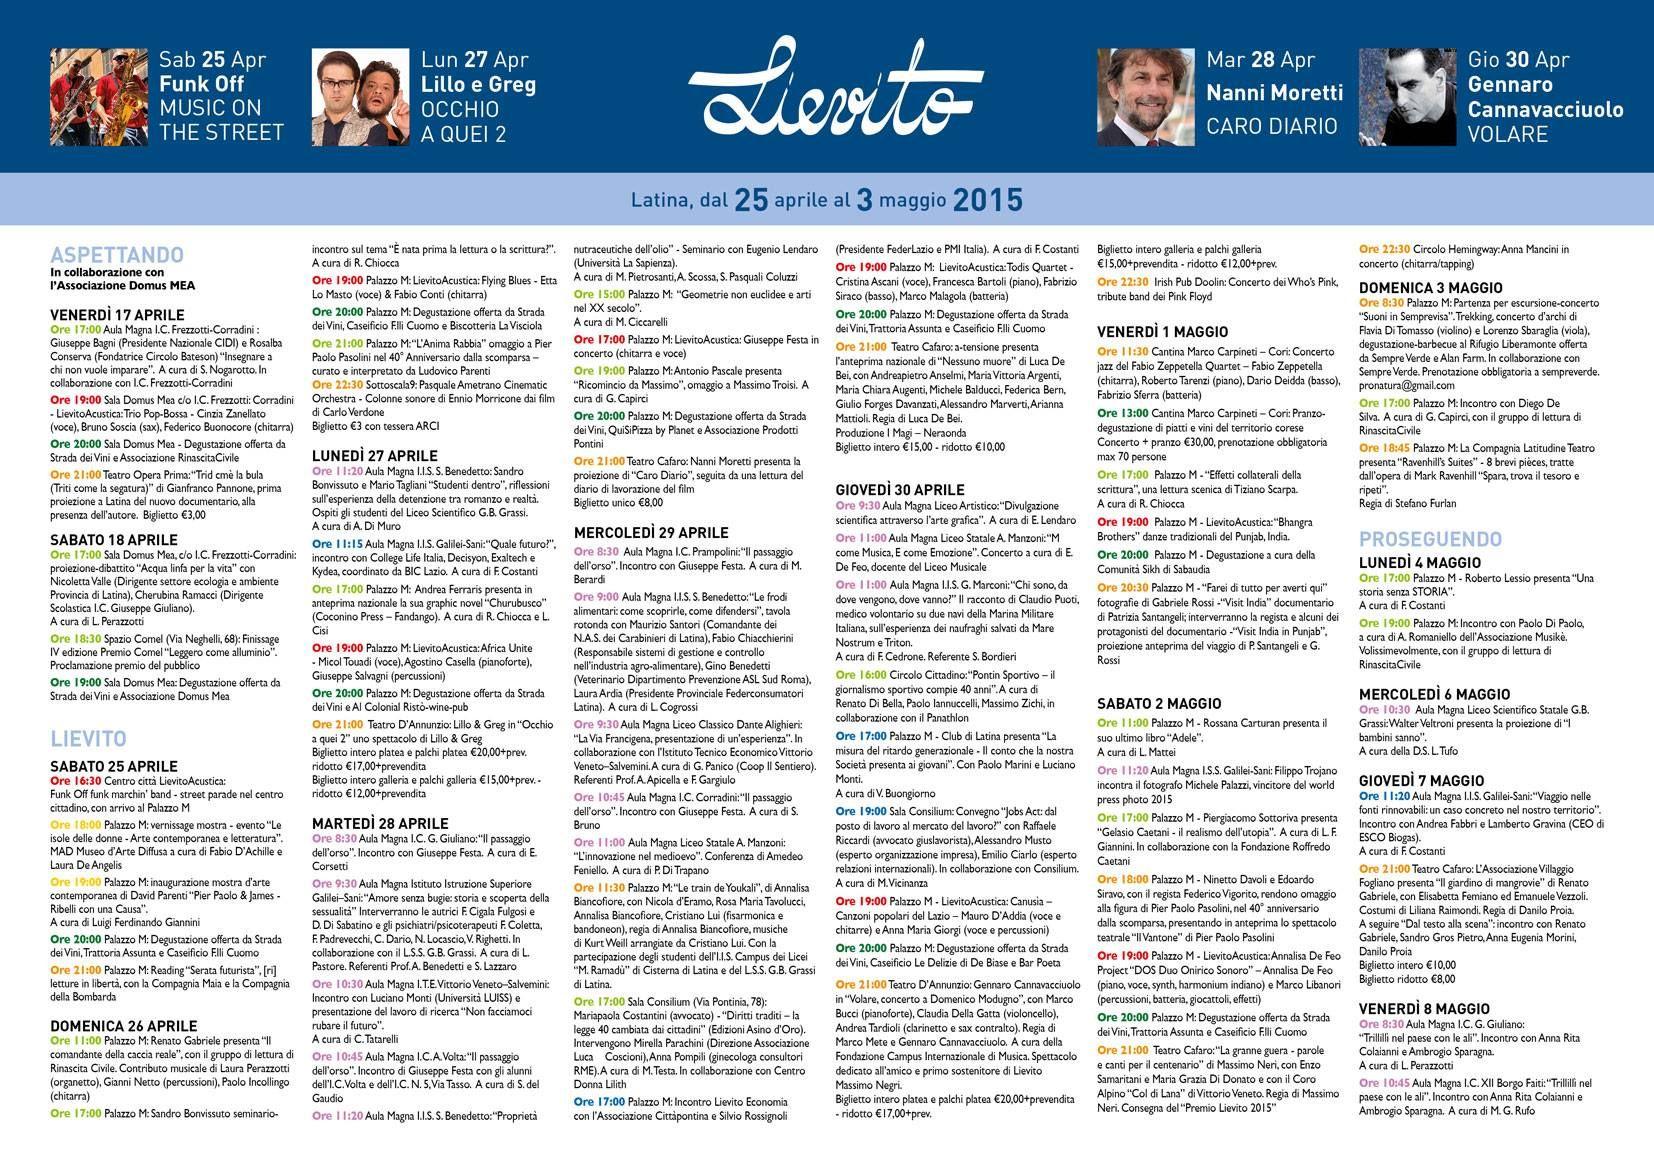 programma-Lievito-2015-latina